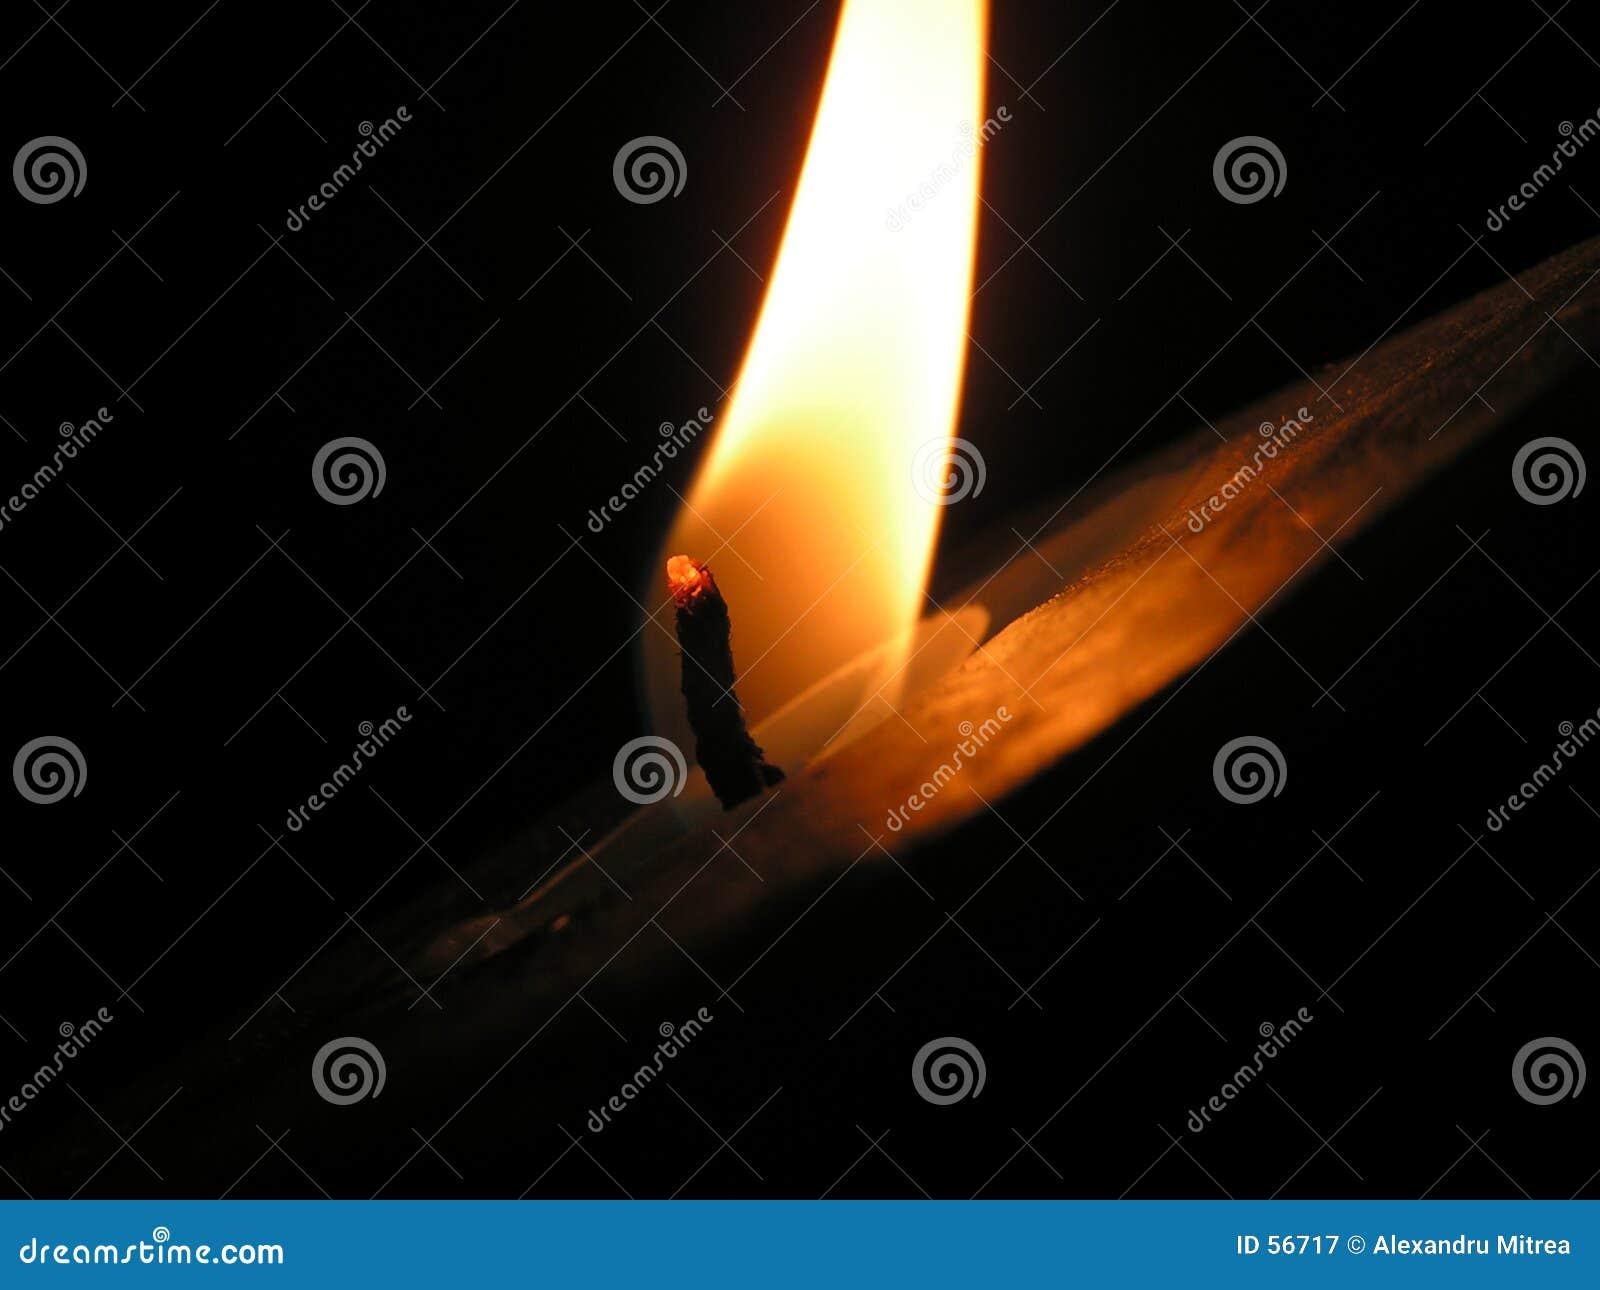 Download Bougie dans l'obscurité image stock. Image du incendie, chaud - 56717